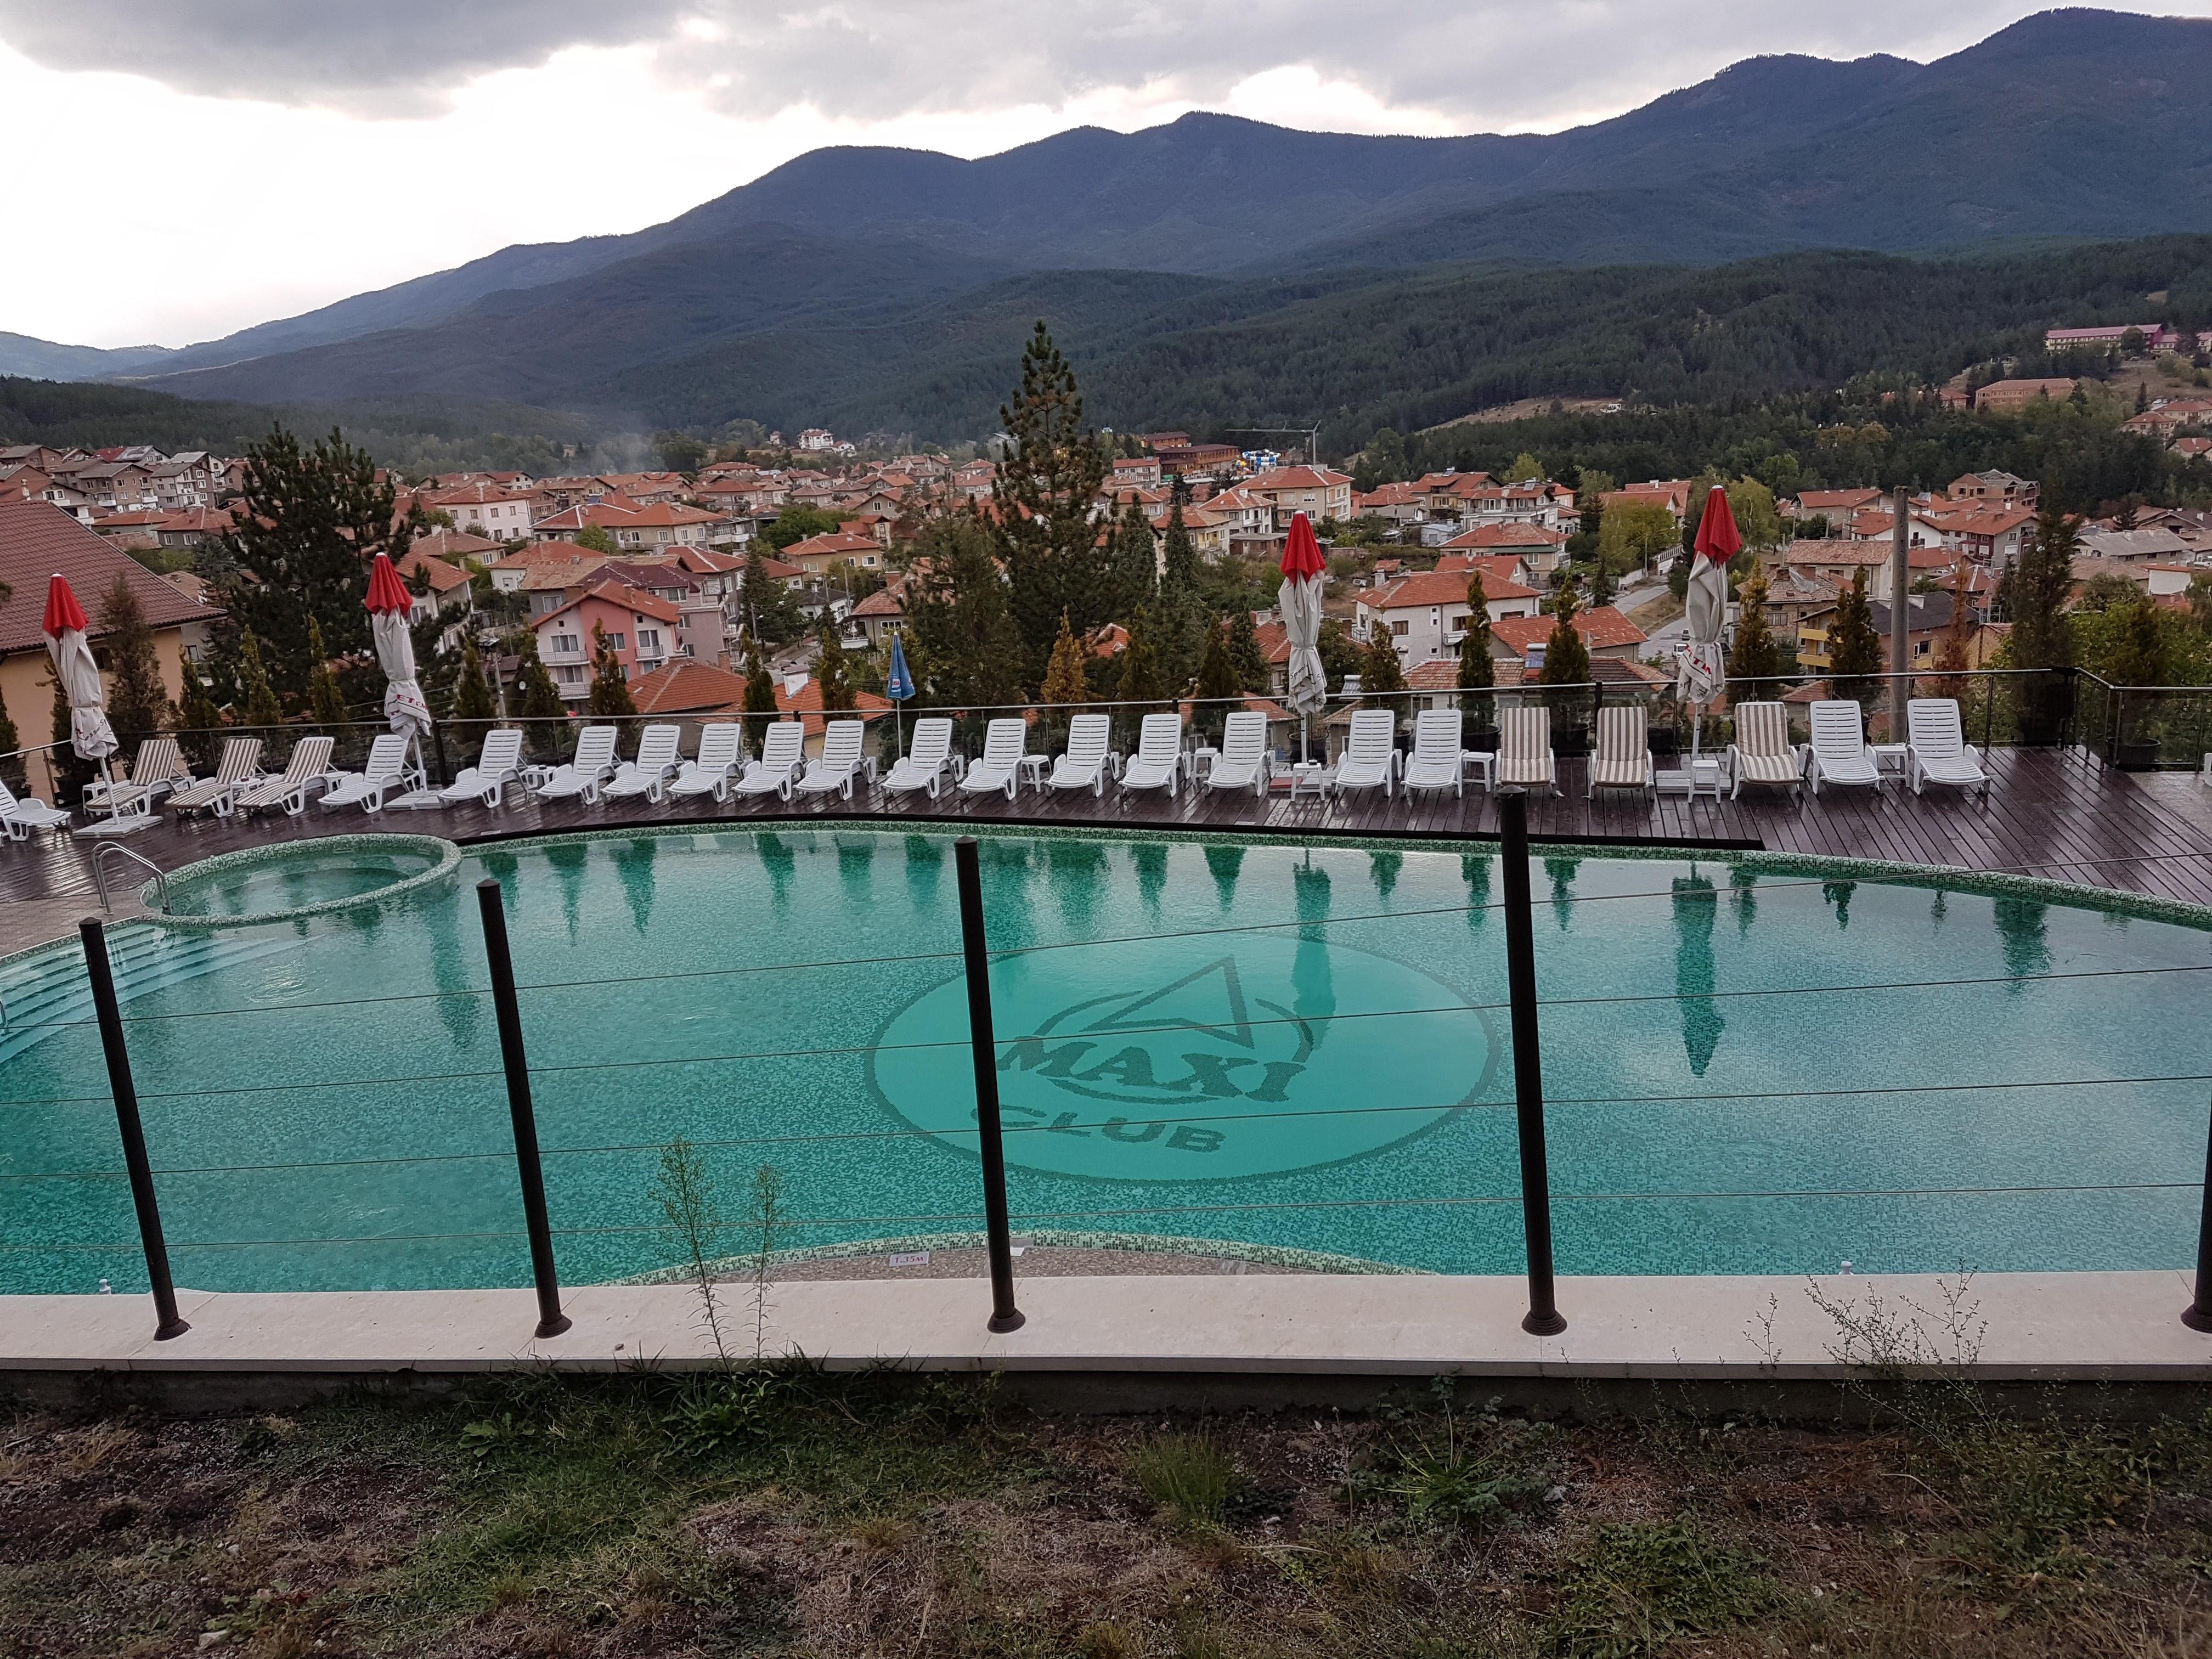 Външен минерален басейн на хотел Макси Велинград/ Outdorr mineral water pool at hotel Maxi Velingrad,placescases.com